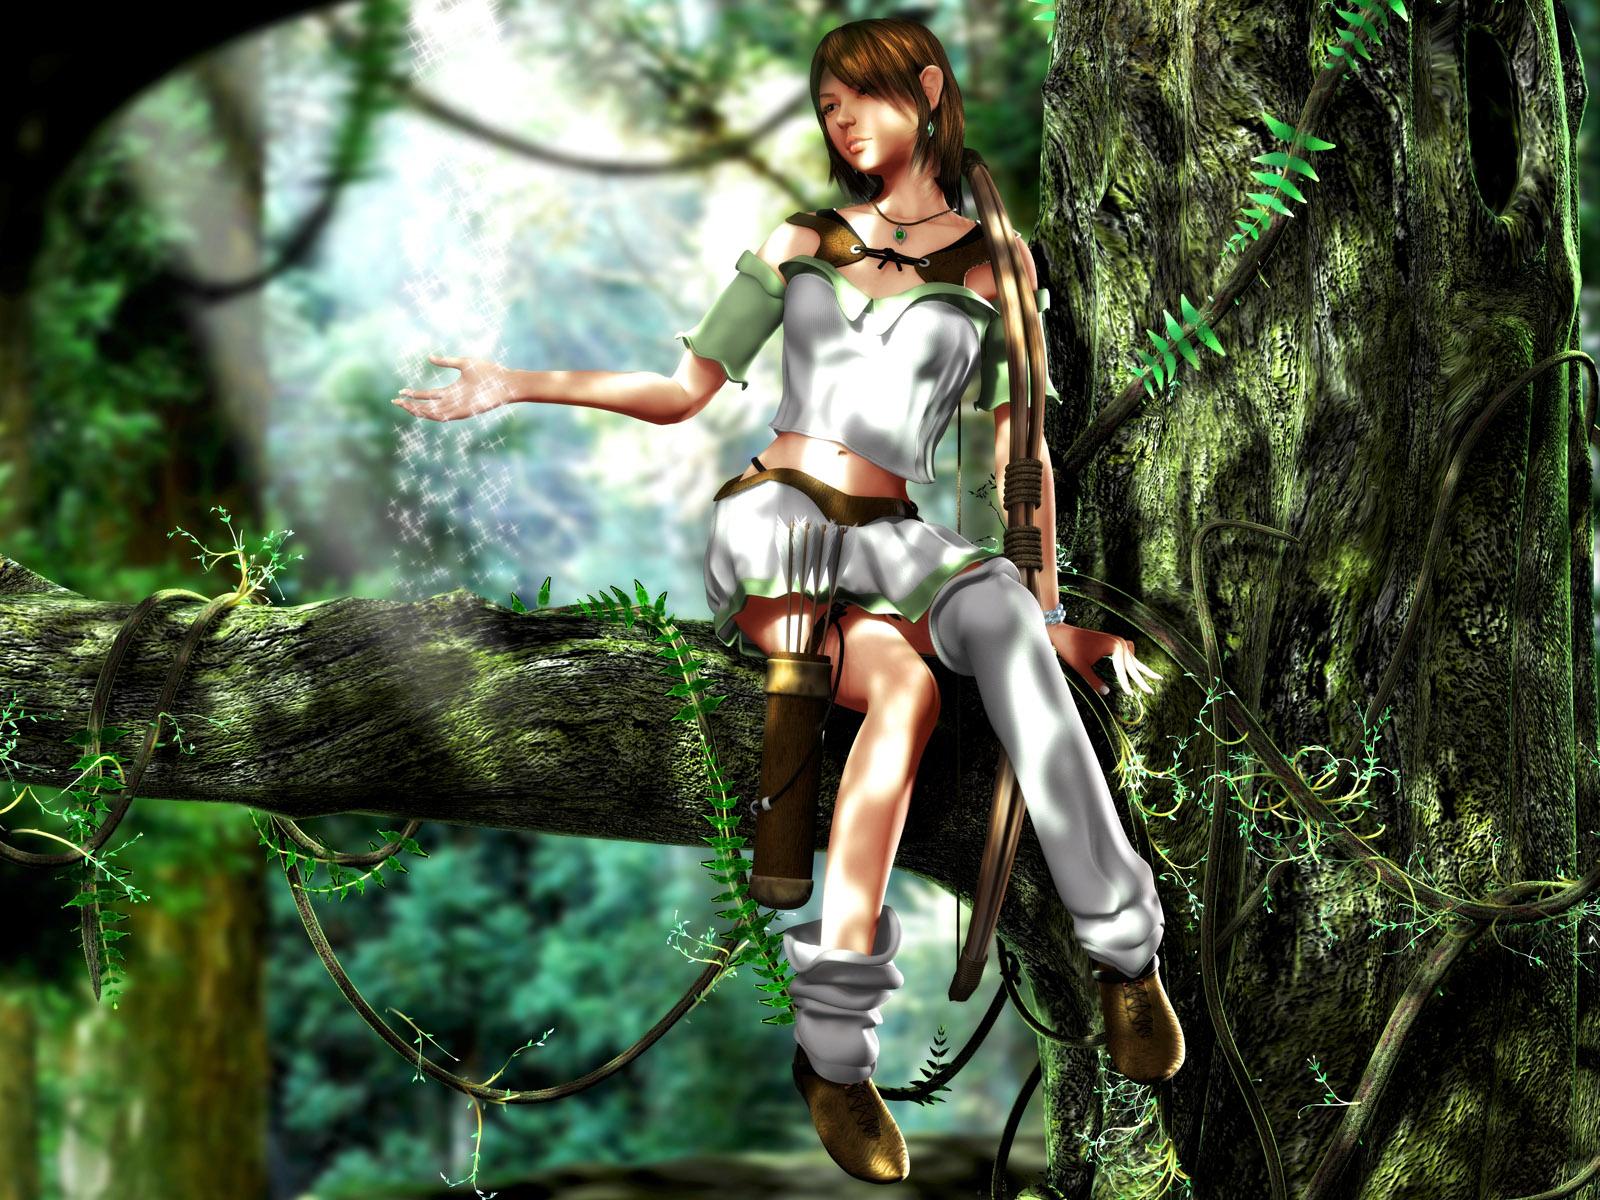 wallpaper girls 3d graphics